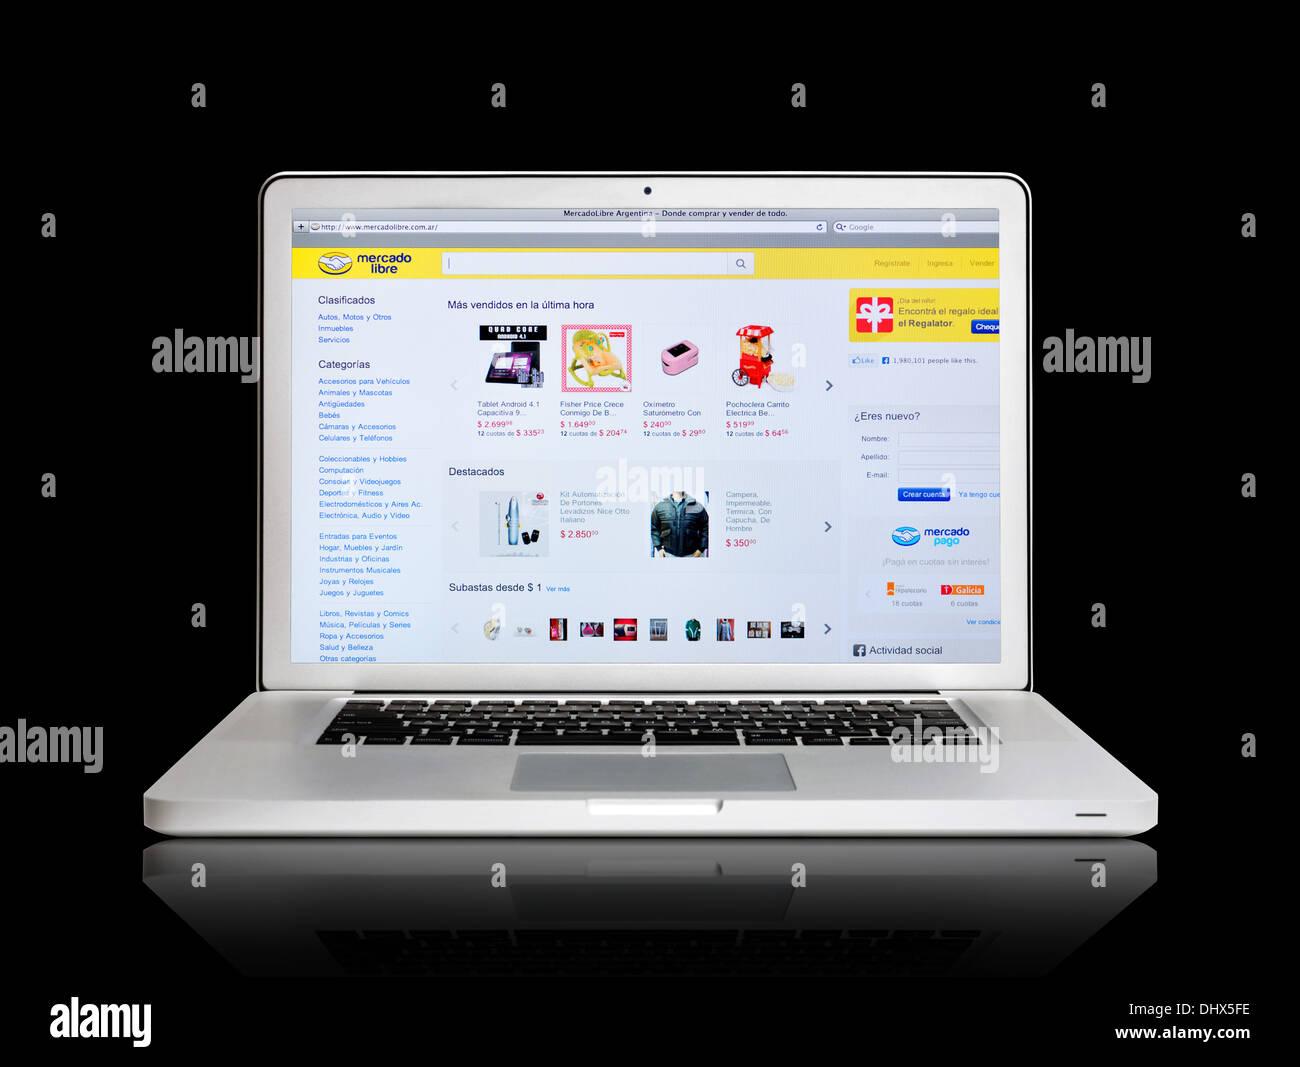 Mercado Libre magasinage en ligne site sur un écran d'ordinateur portable Photo Stock